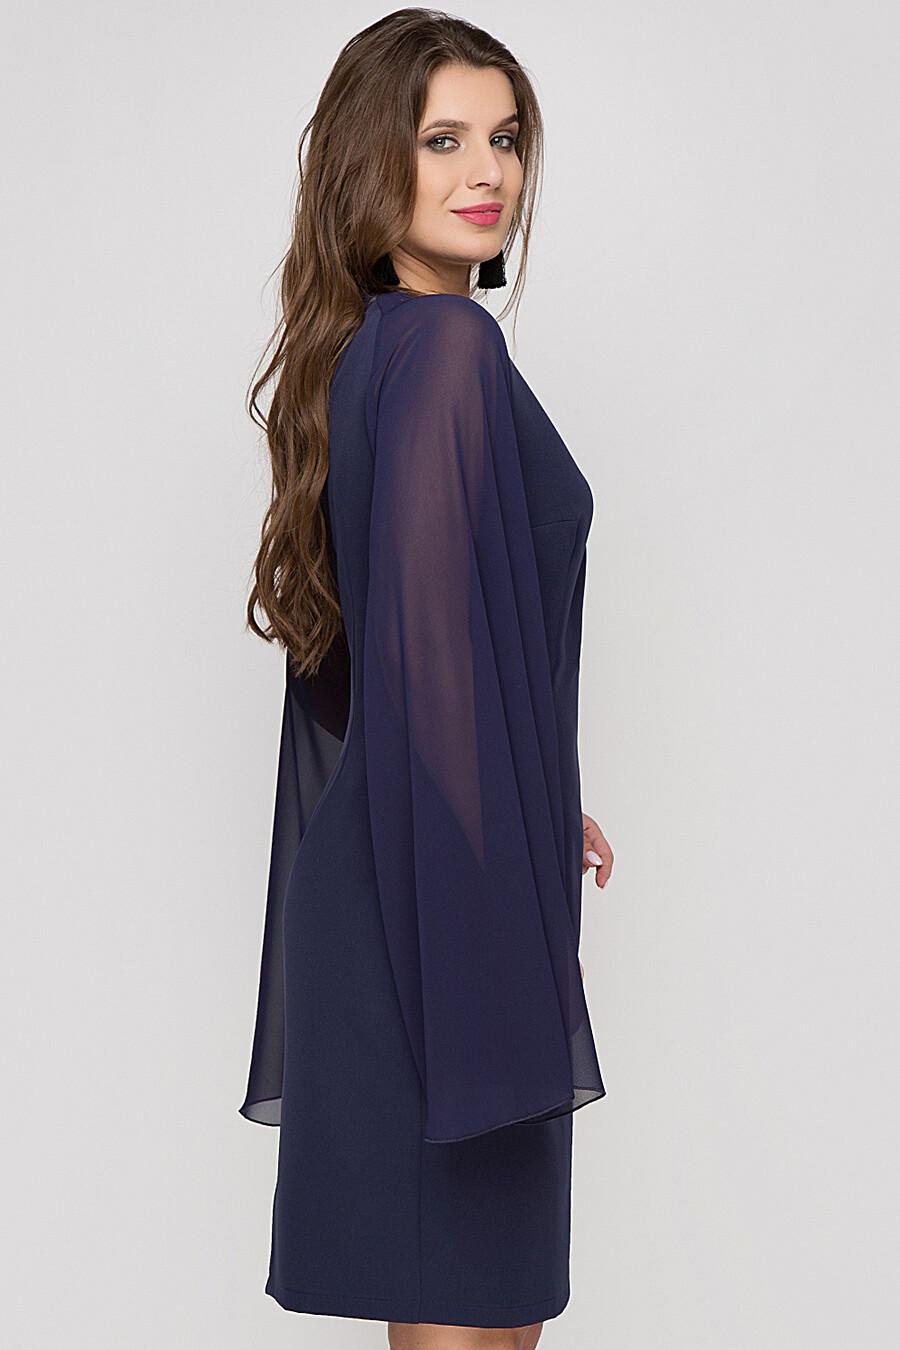 Платье для женщин BELLUCHE 161523 купить оптом от производителя. Совместная покупка женской одежды в OptMoyo